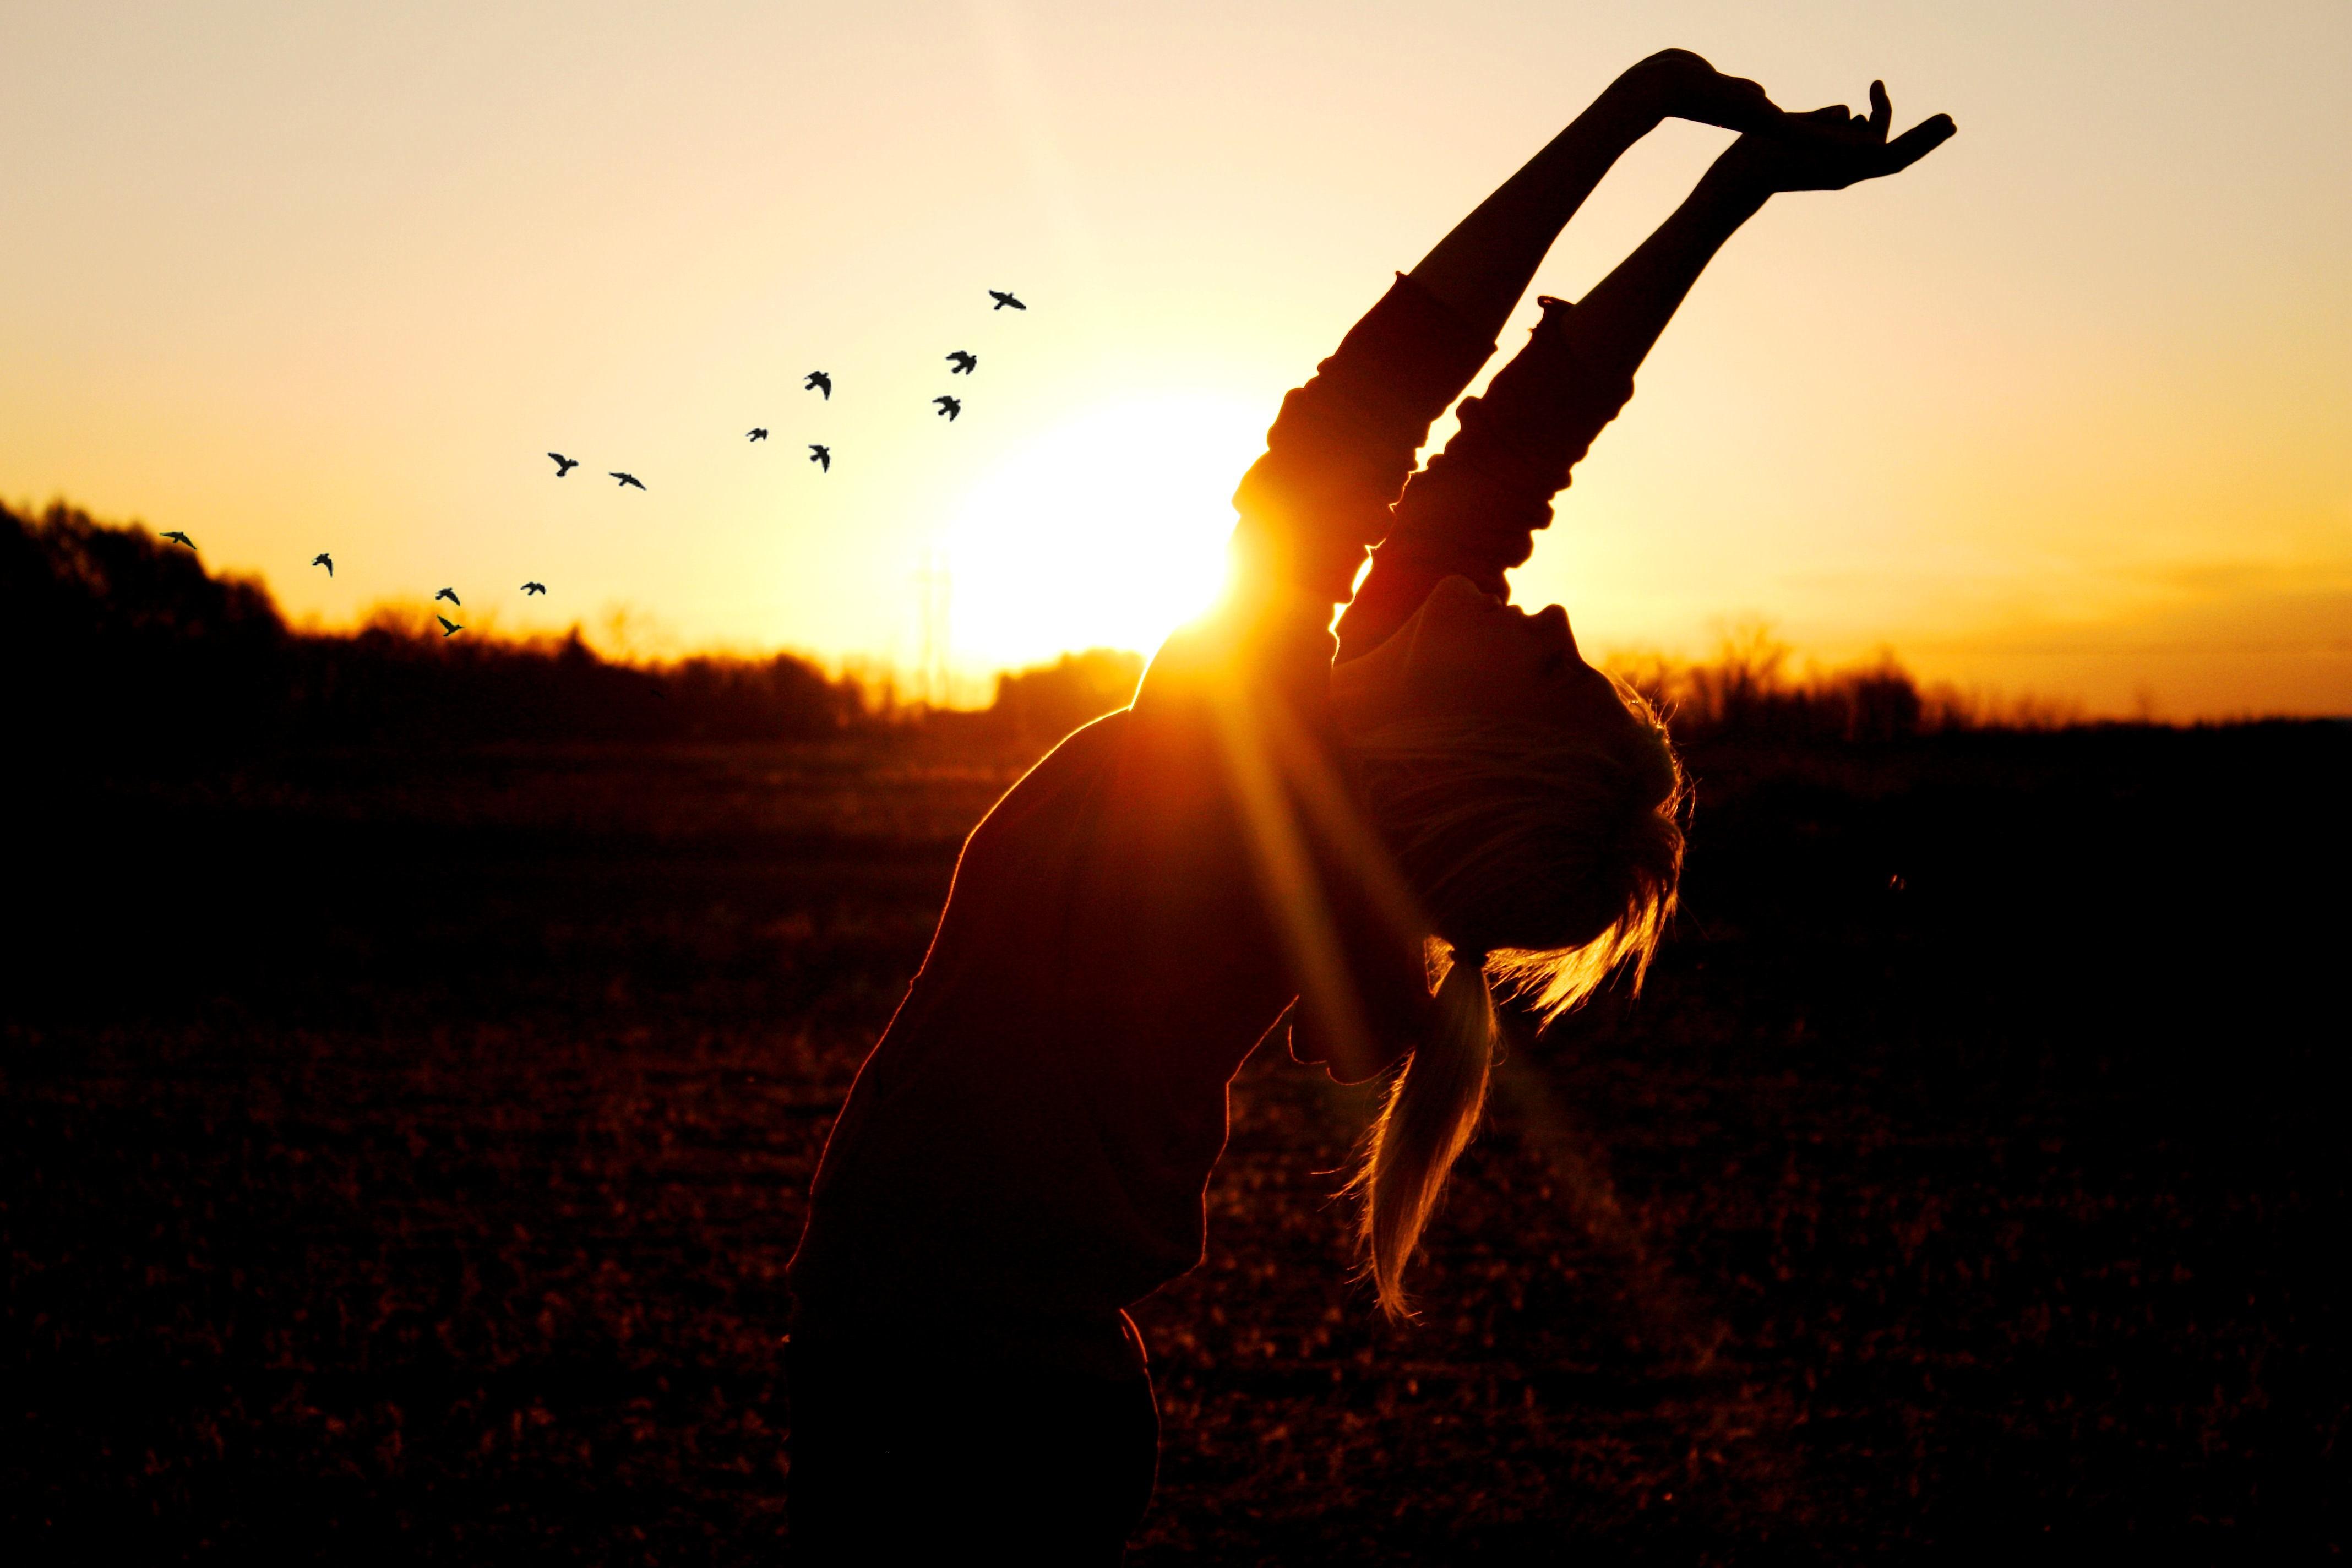 Να θυμάσαι πως η ευτυχία έρχεται από μέσα προς τα έξω.